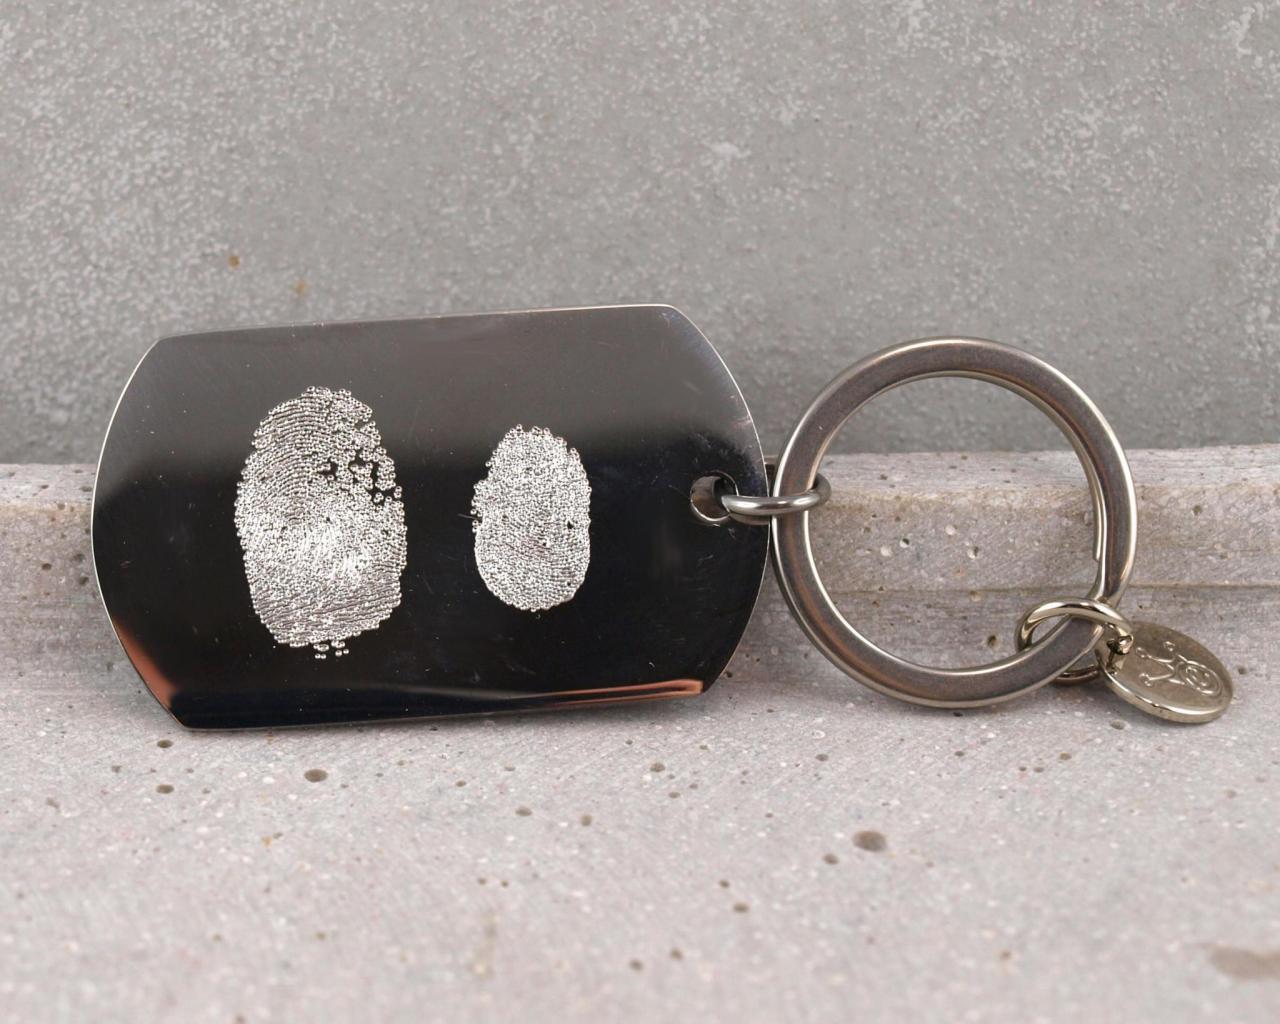 schluesselanhaenger aus edelstahl mit fingerabdruck gravur die geschenkidee individuell